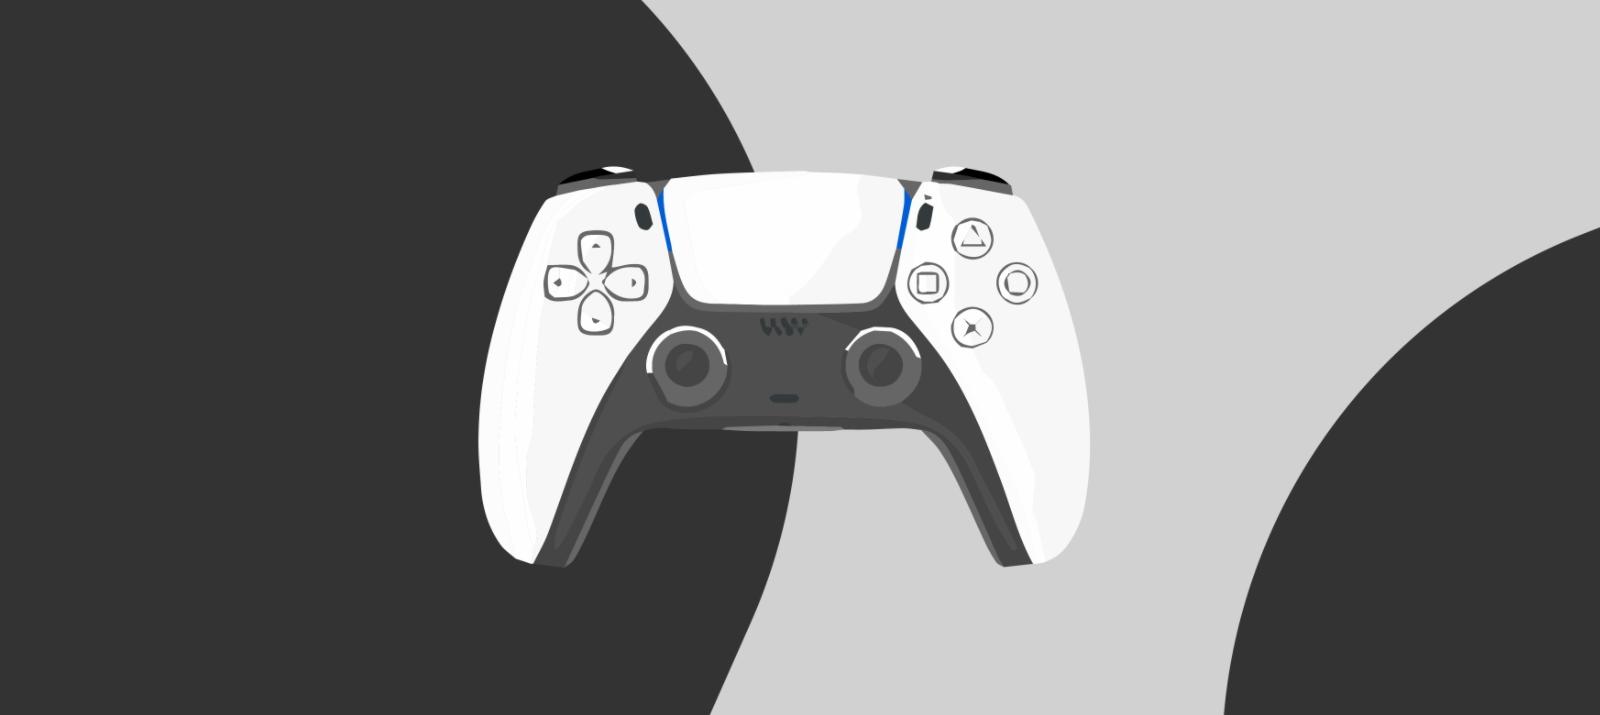 Инсайдер: следующая презентация PS5 пройдет в сентябре, на Switch выпустят новую Monster Hunter